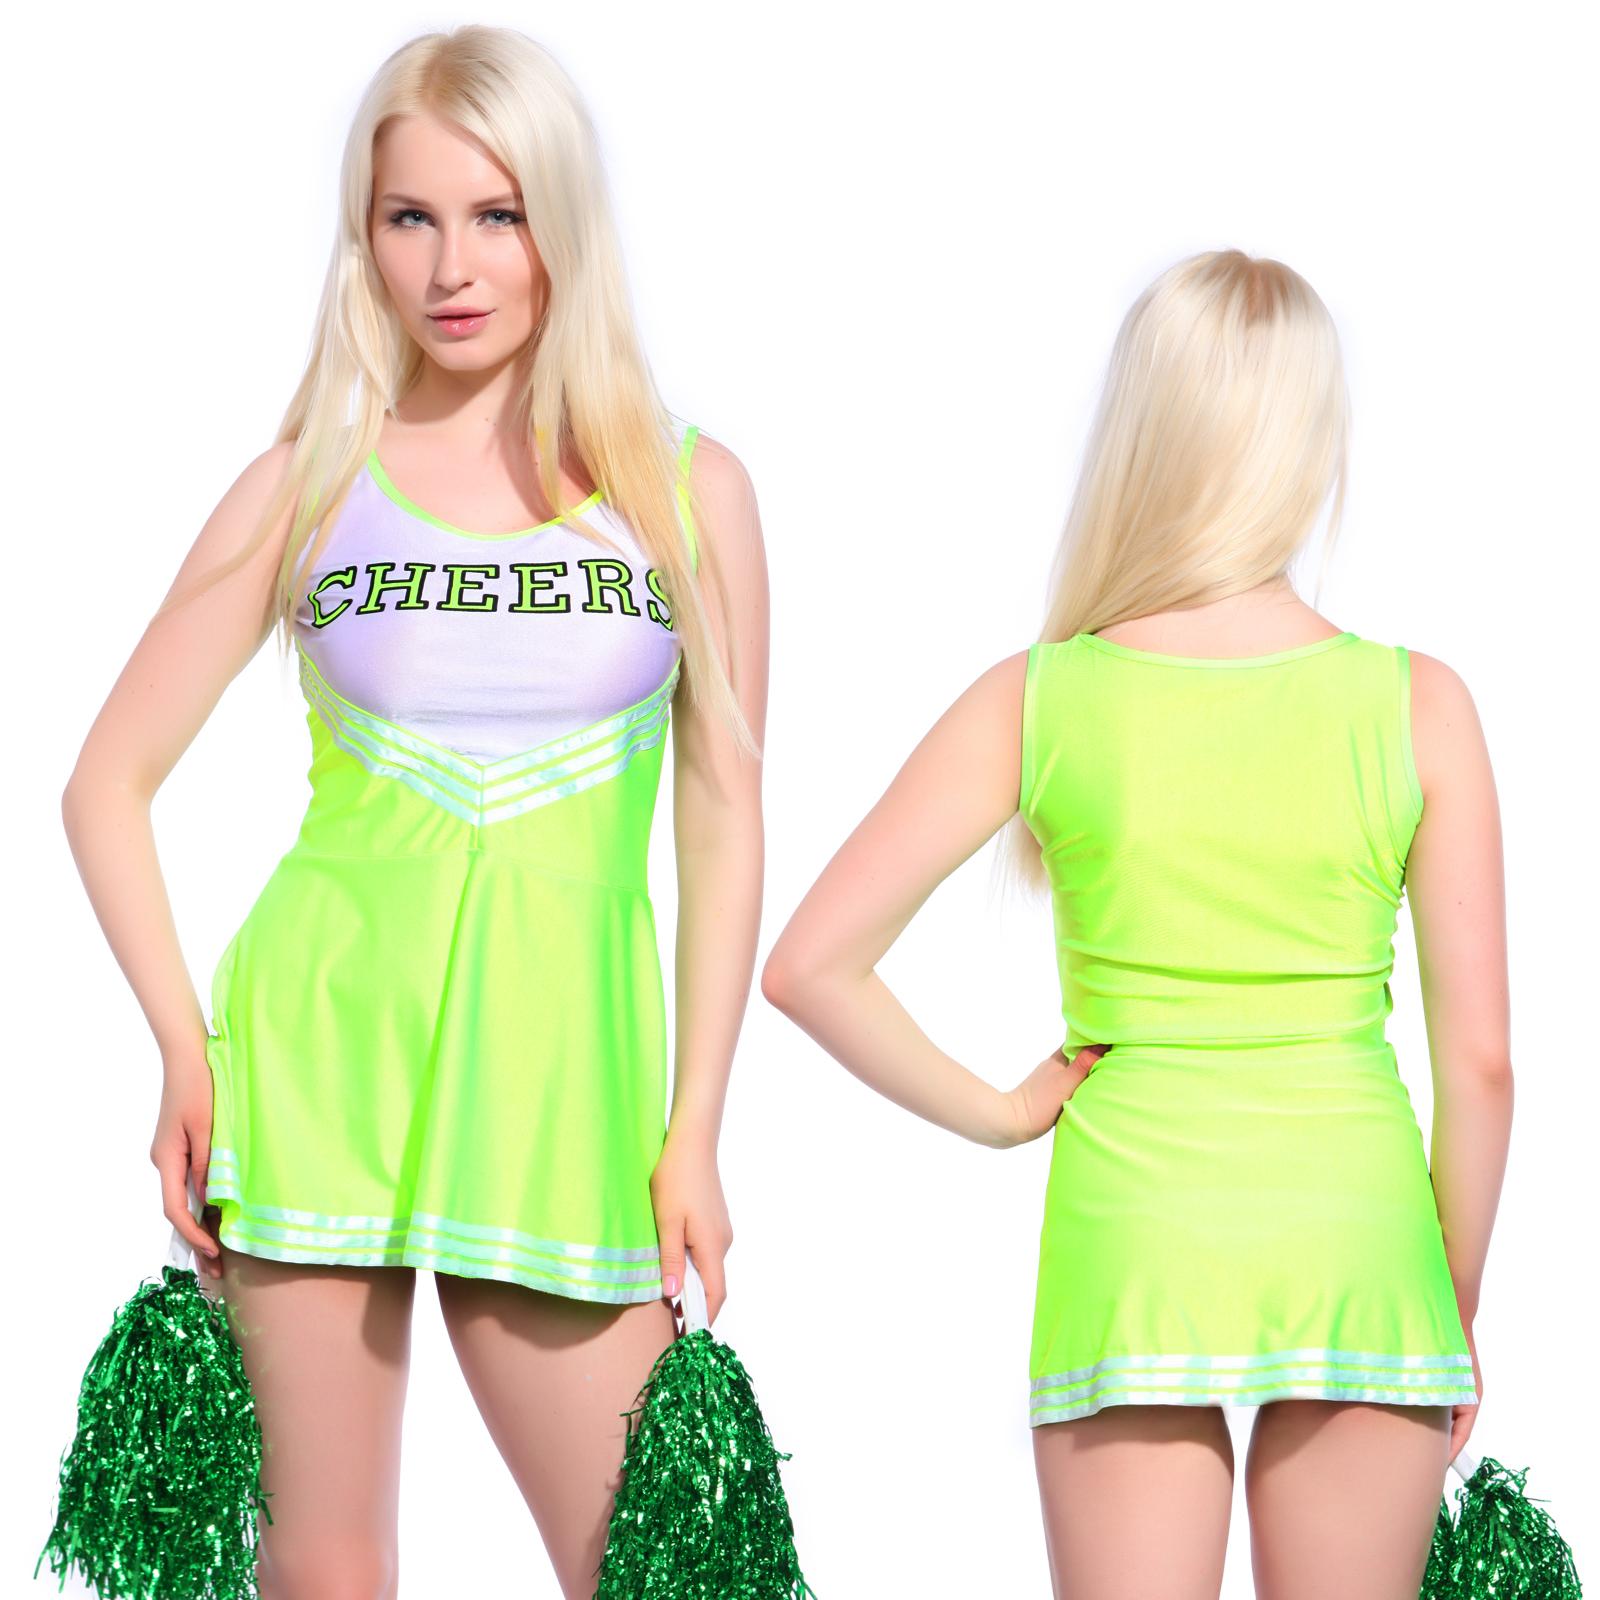 m dchen cheerleader kost m uniform cheerleading cheer leader kost m verkleidung ebay. Black Bedroom Furniture Sets. Home Design Ideas